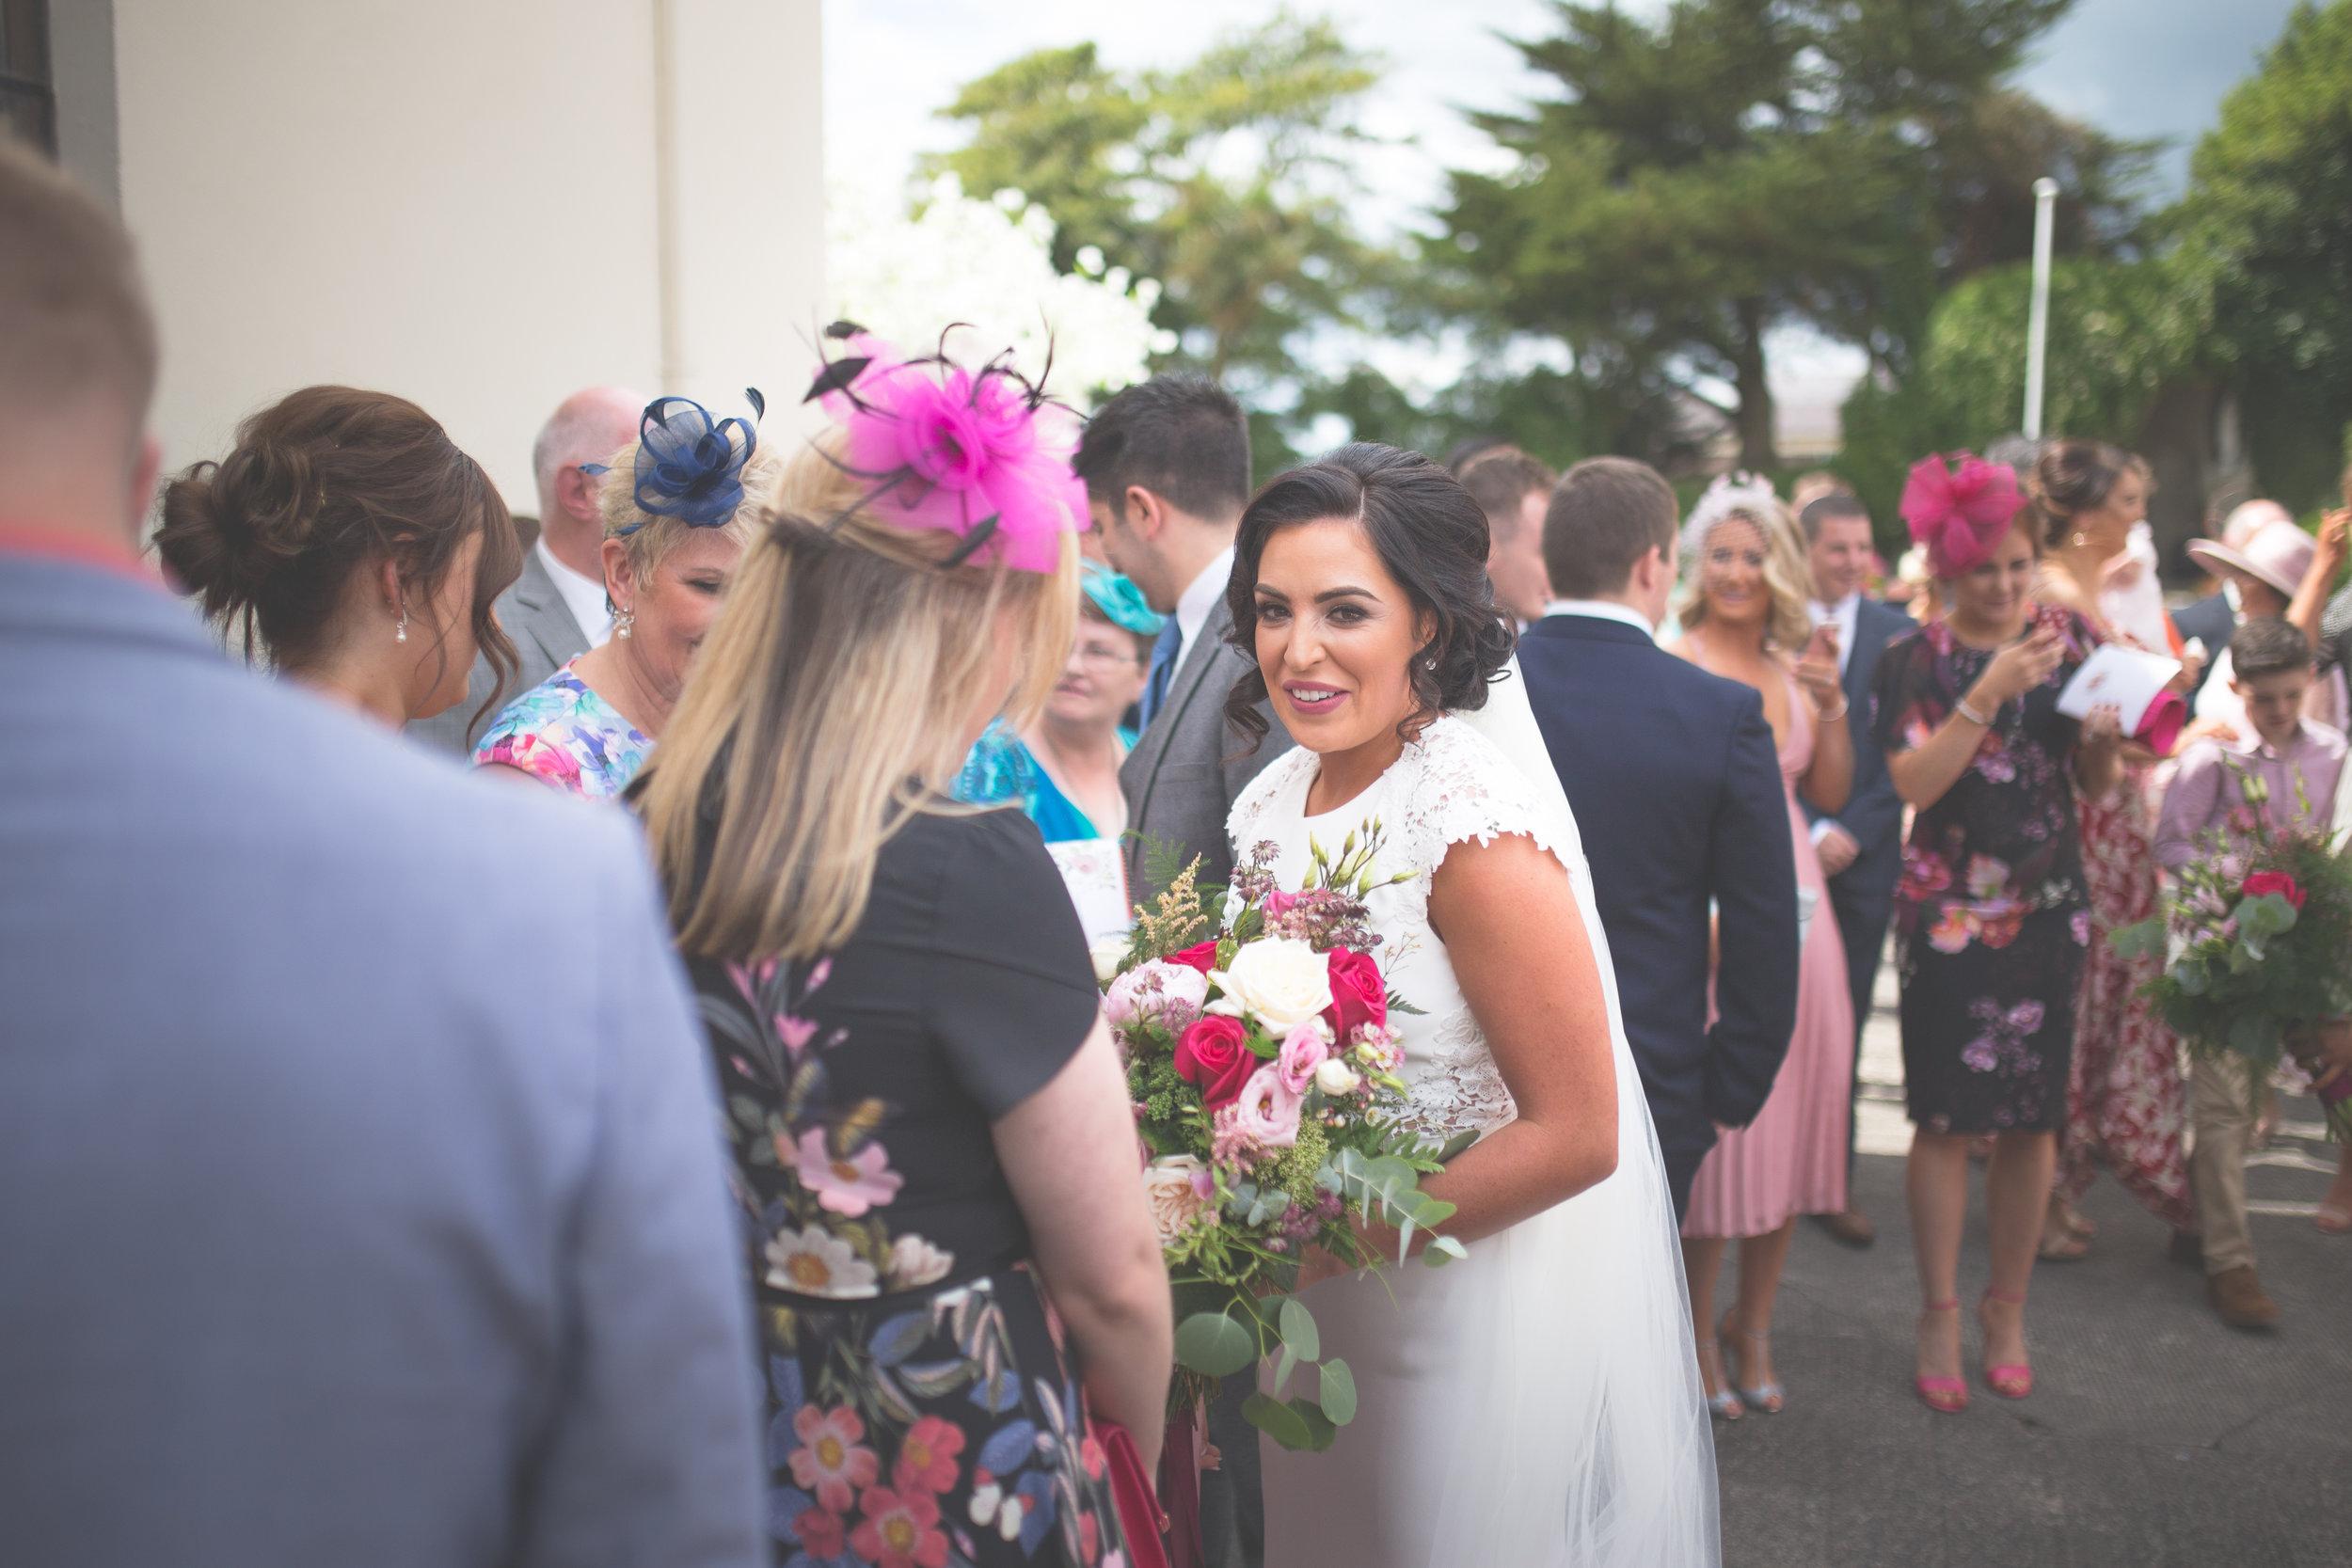 Brian McEwan Wedding Photography   Carol-Anne & Sean   The Ceremony-105.jpg